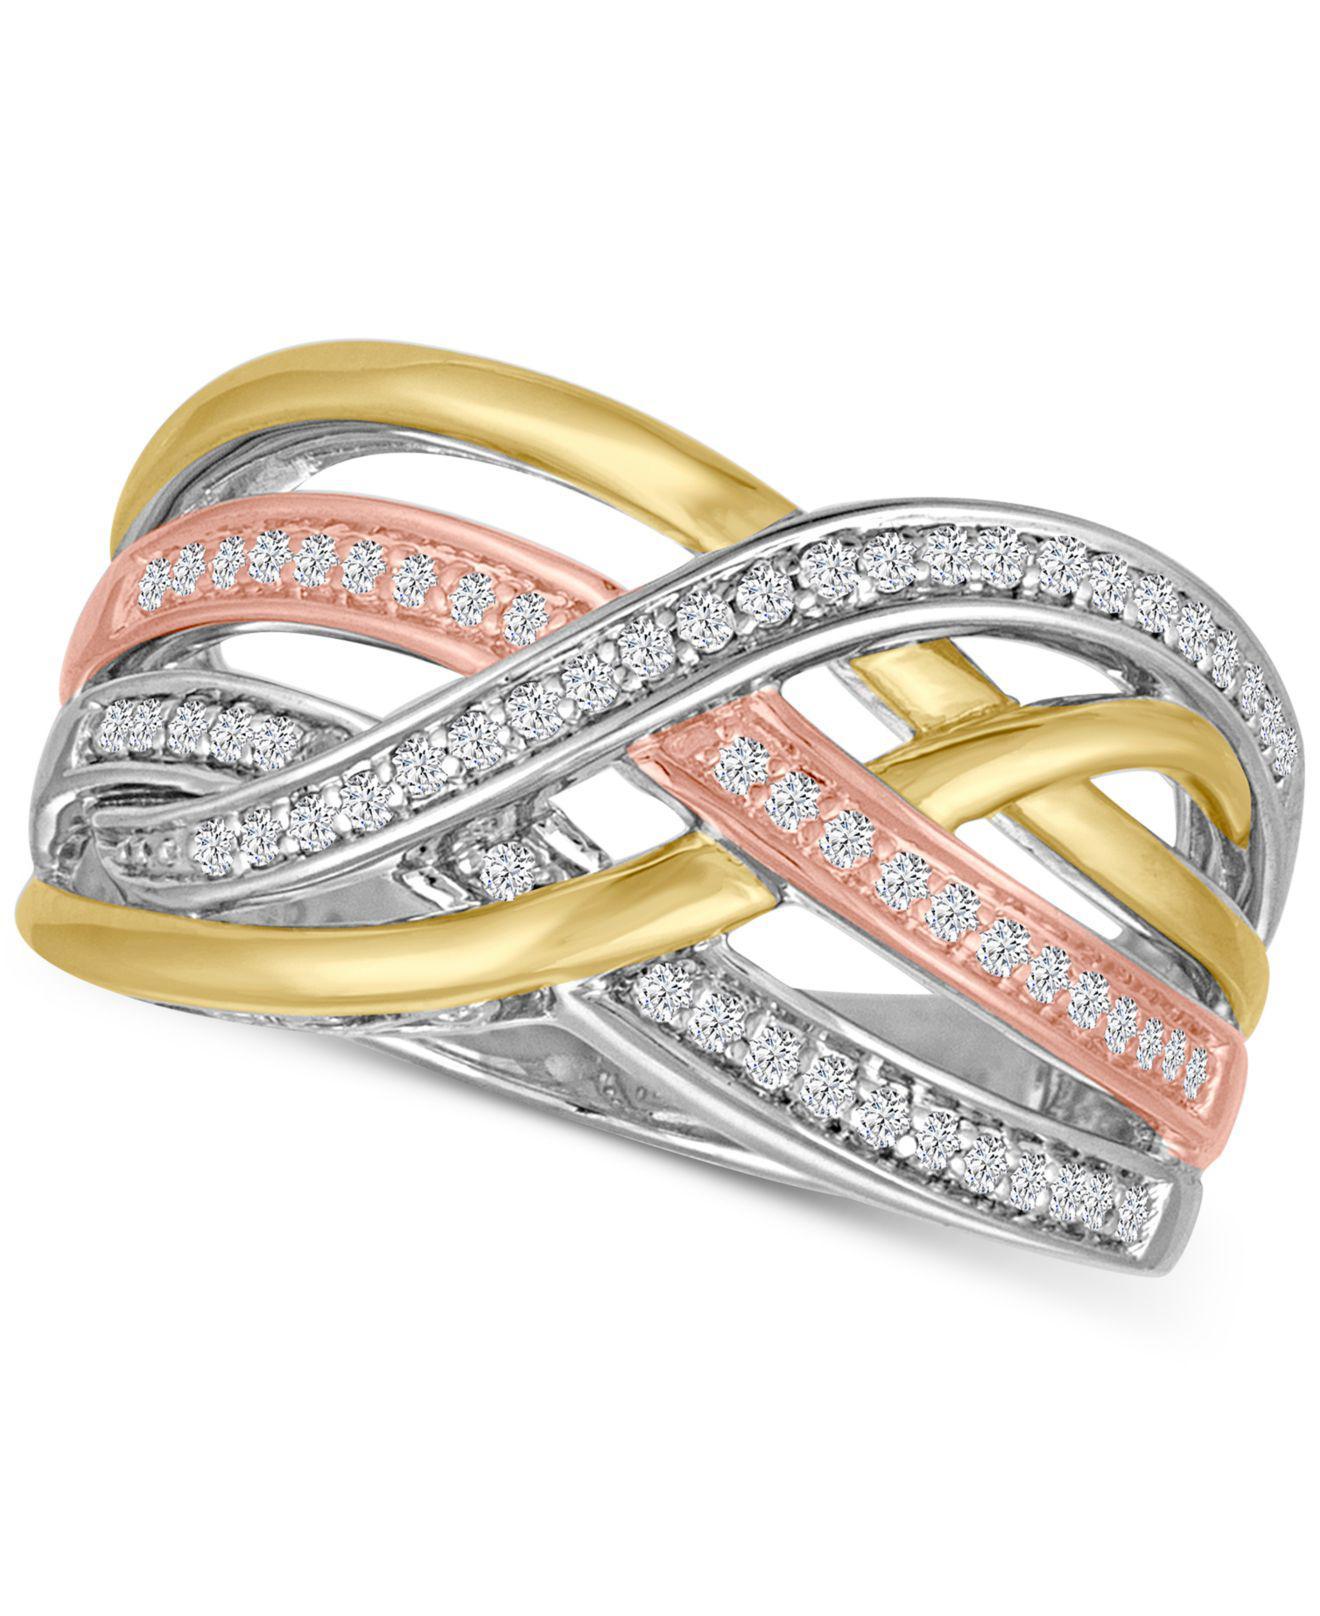 c952bfa0e Macy's Diamond Weave Tri-color Statement Ring (1/4 Ct. T.w.) In ...